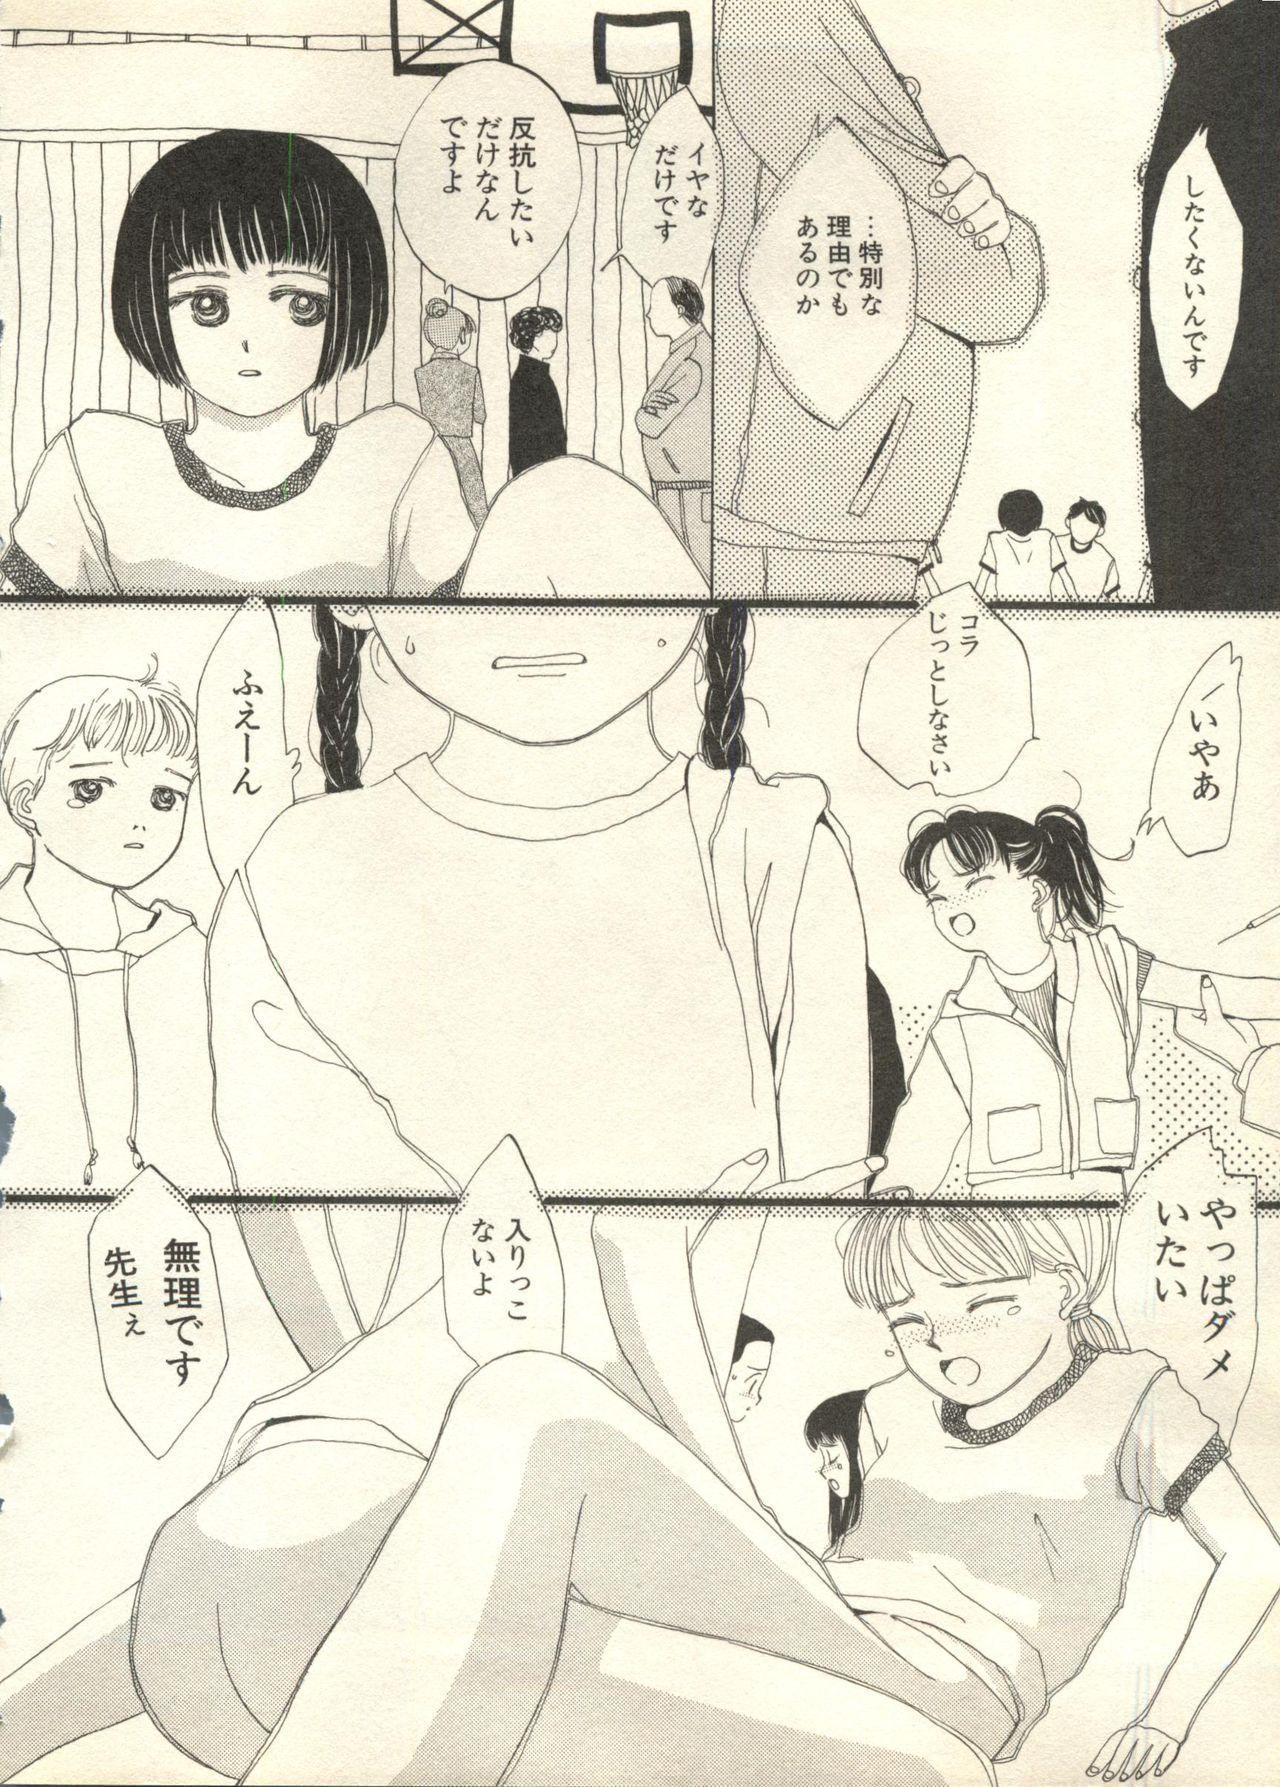 Pai;kuu 1998 July Vol. 11 46